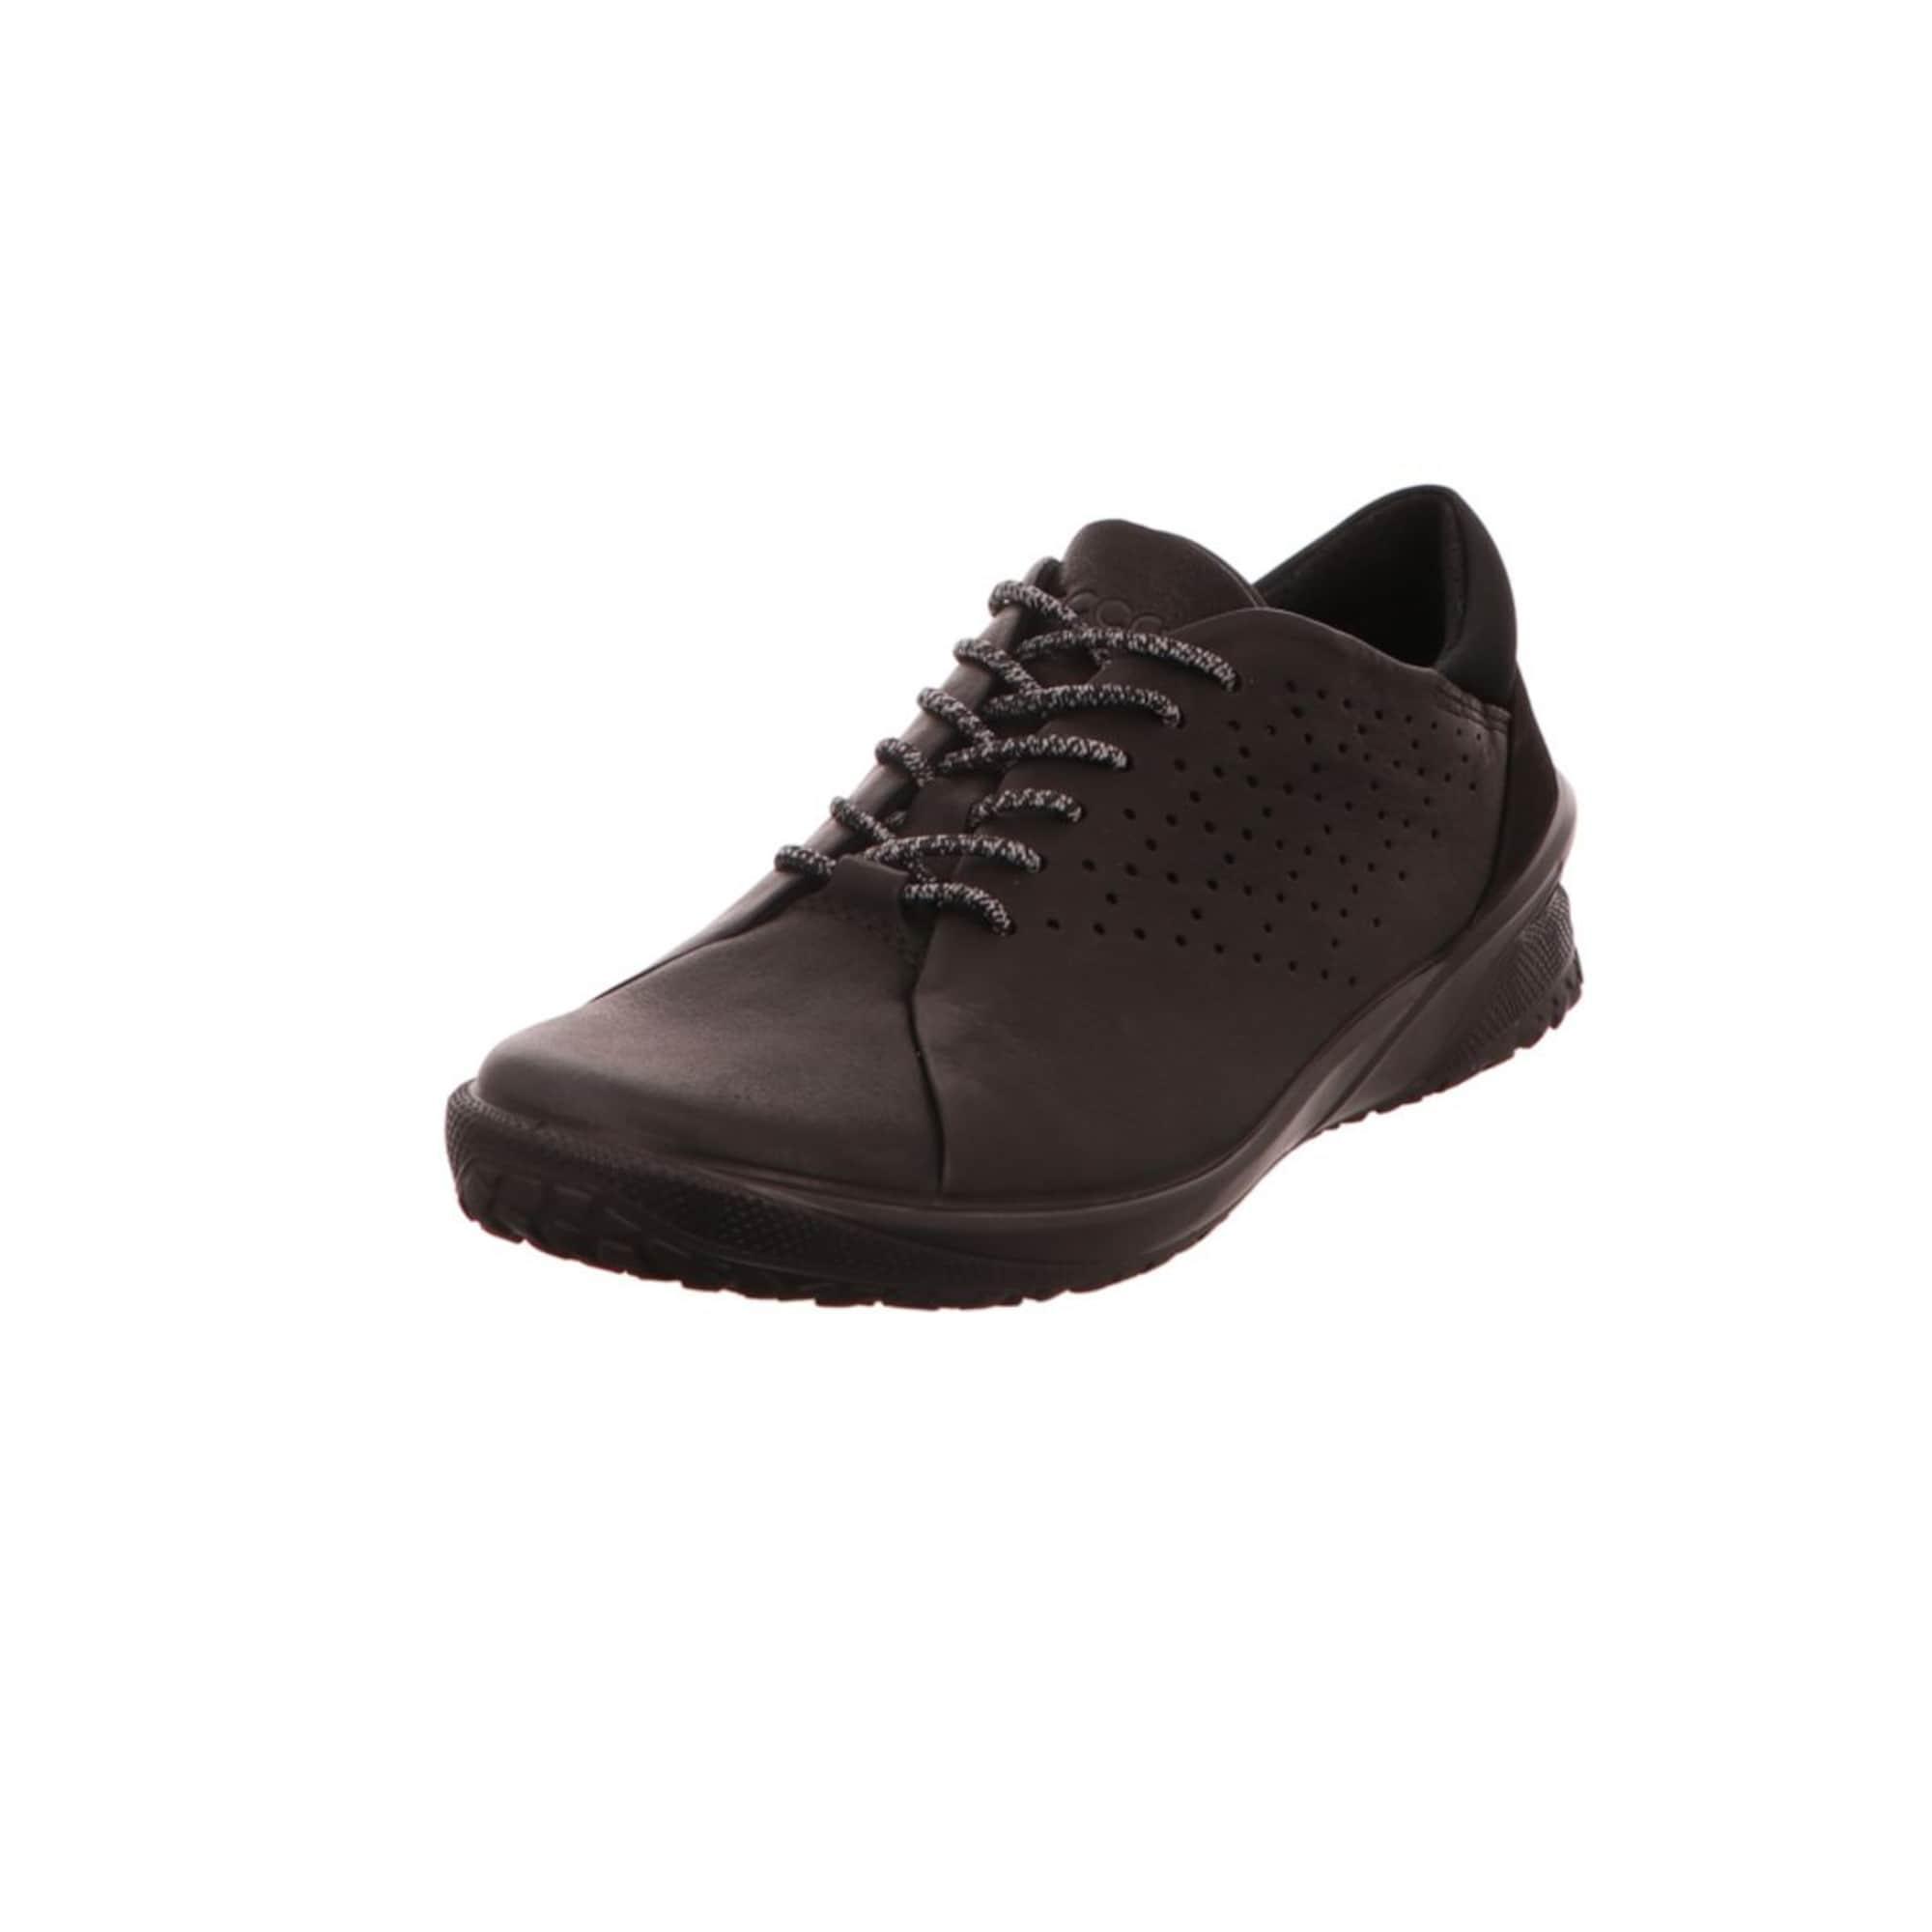 quality design 27166 9d90a AboutYou | Damen ECCO Sneakers beige, blau, blau, weiß, grau ...